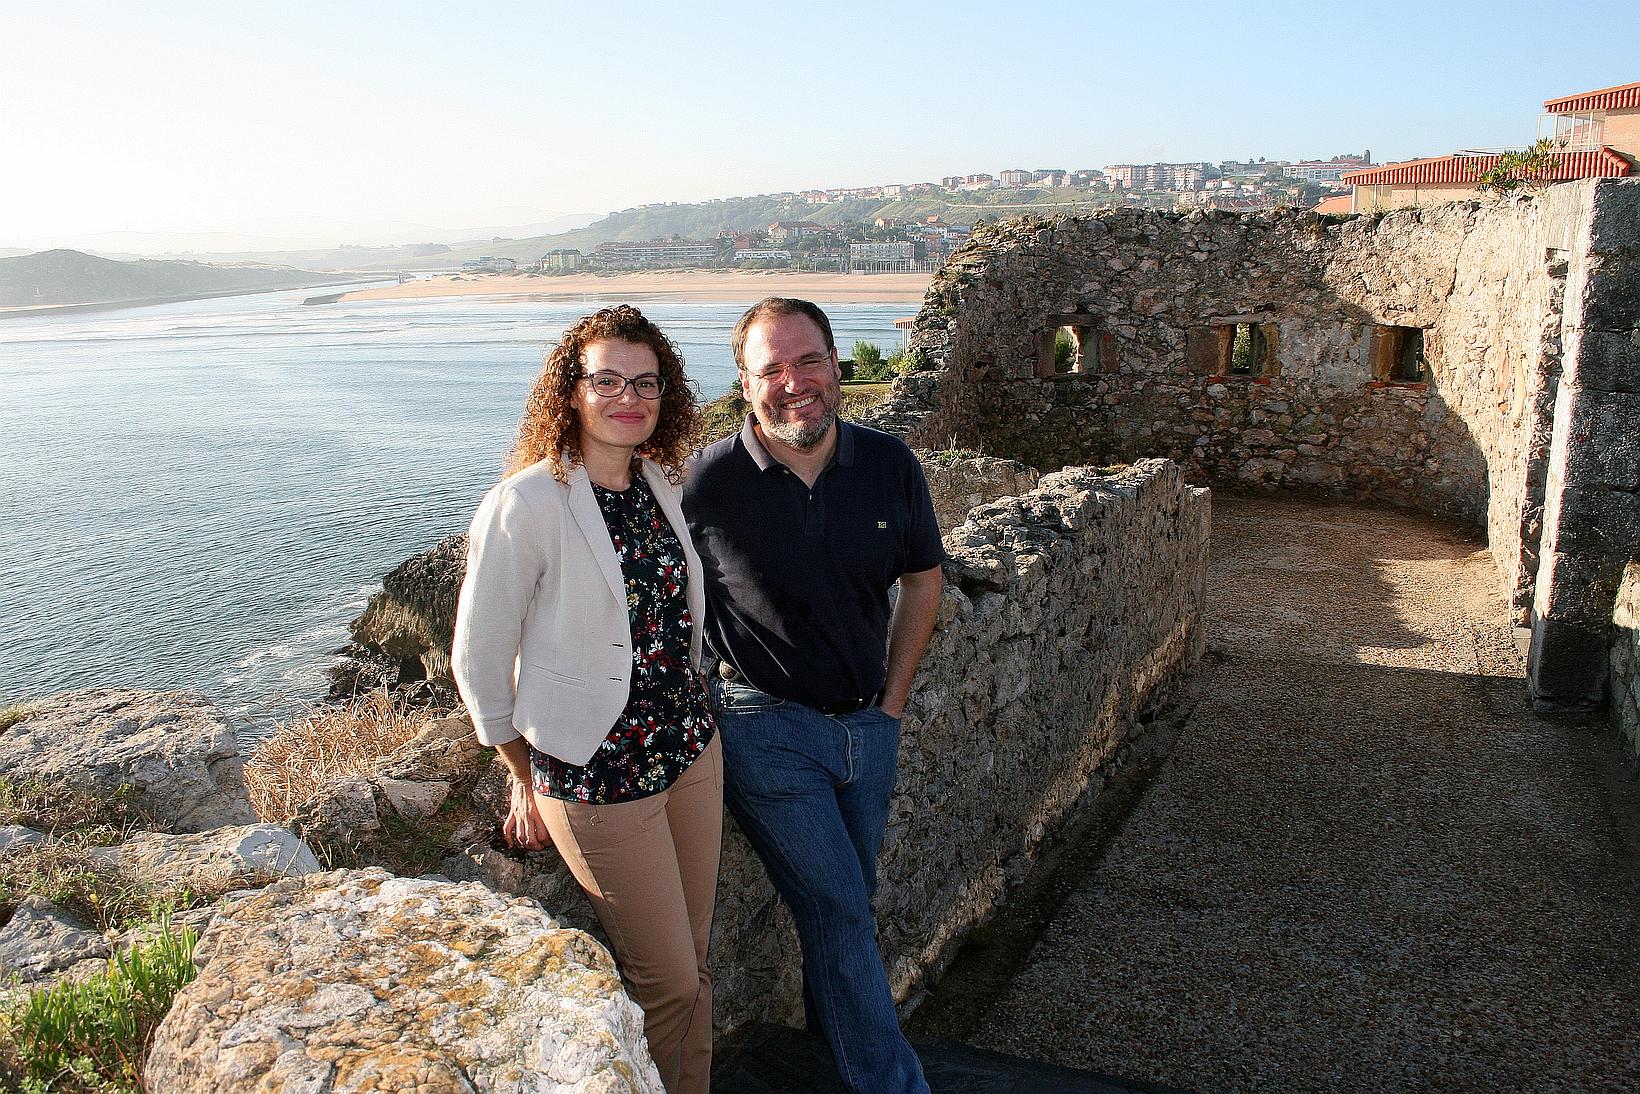 Alicia Sánchez Lorente y Antonio Cofiño - Foto: Universidad de Cantabria